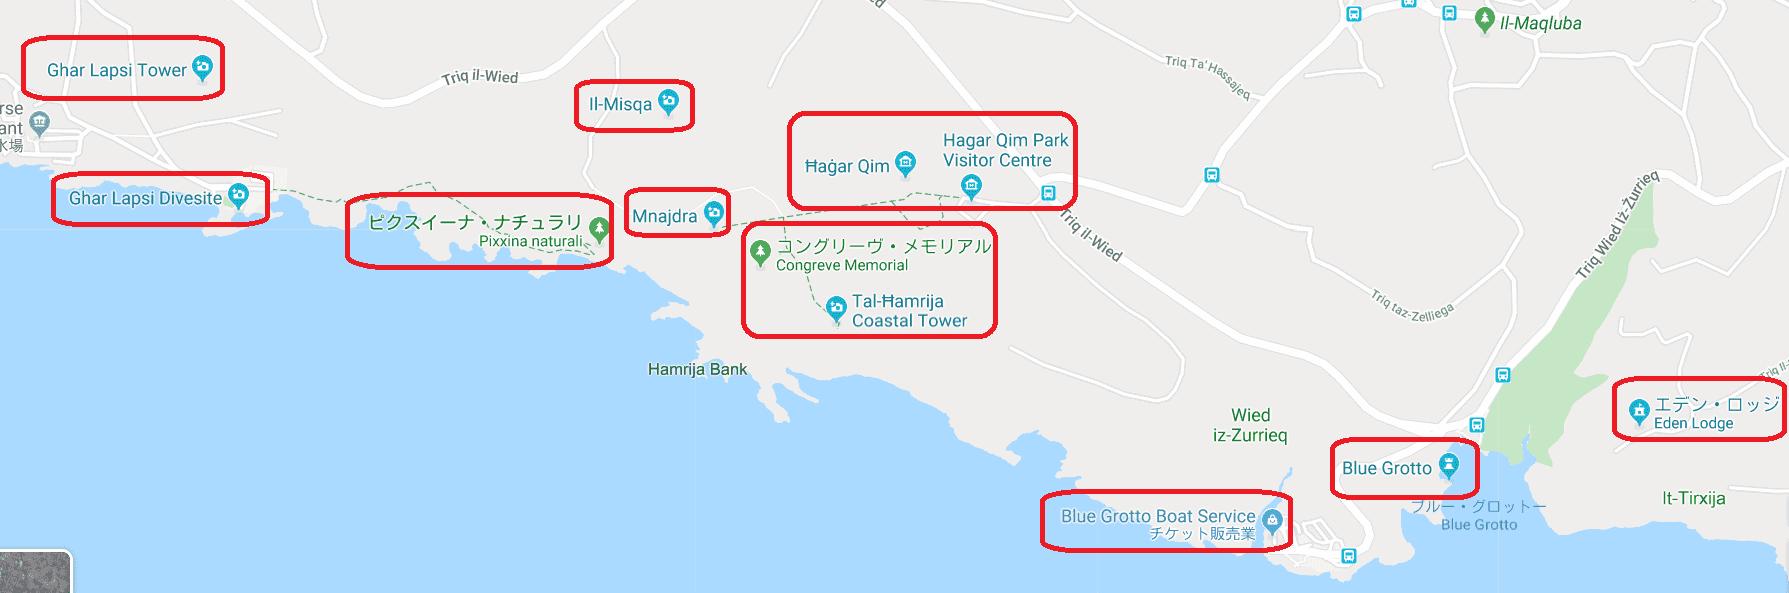 マルタ観光 日数 おすすめプラン